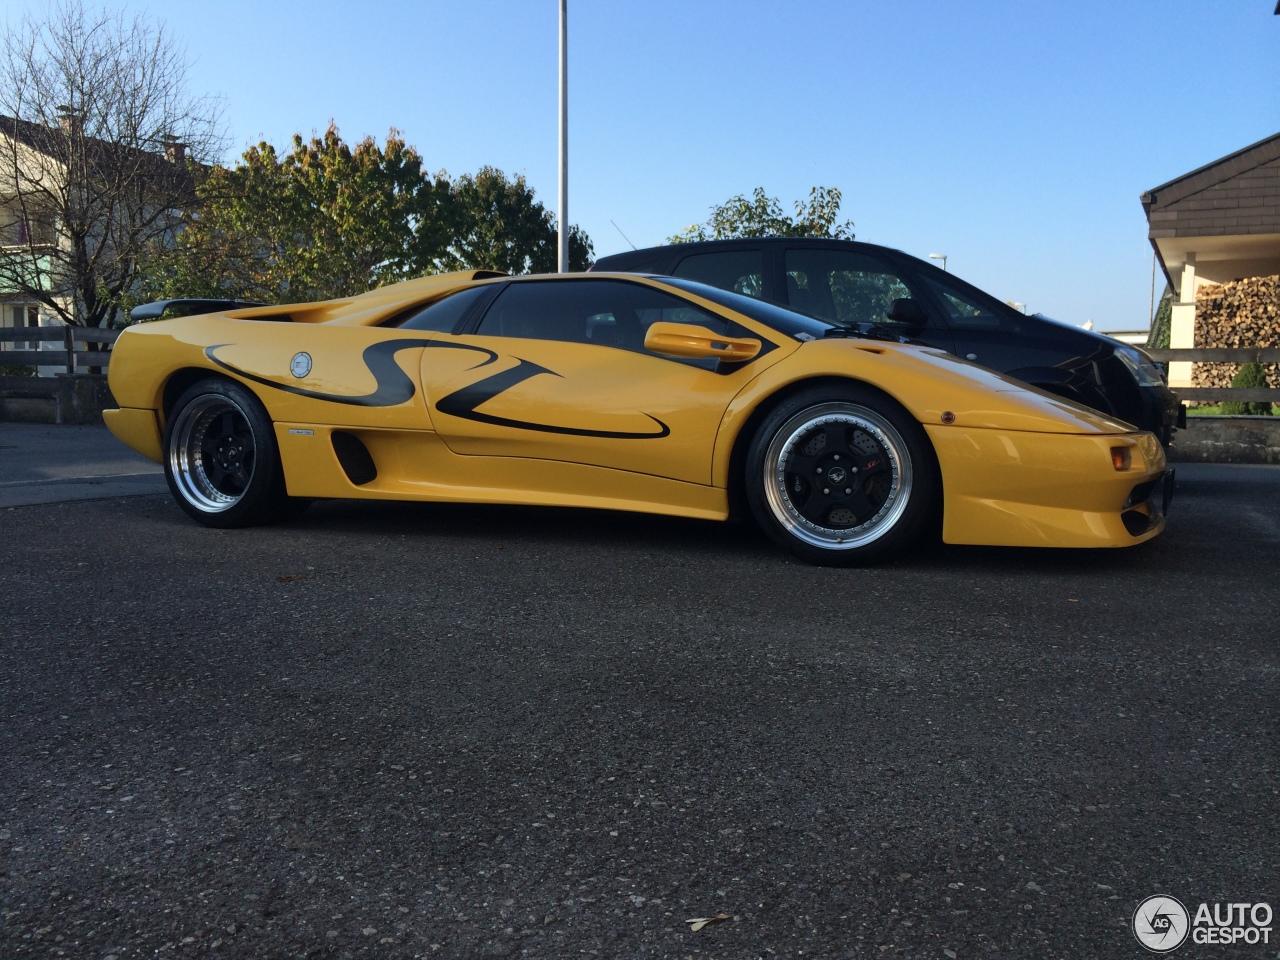 Lamborghini Diablo Sv 14 September 2015 Autogespot